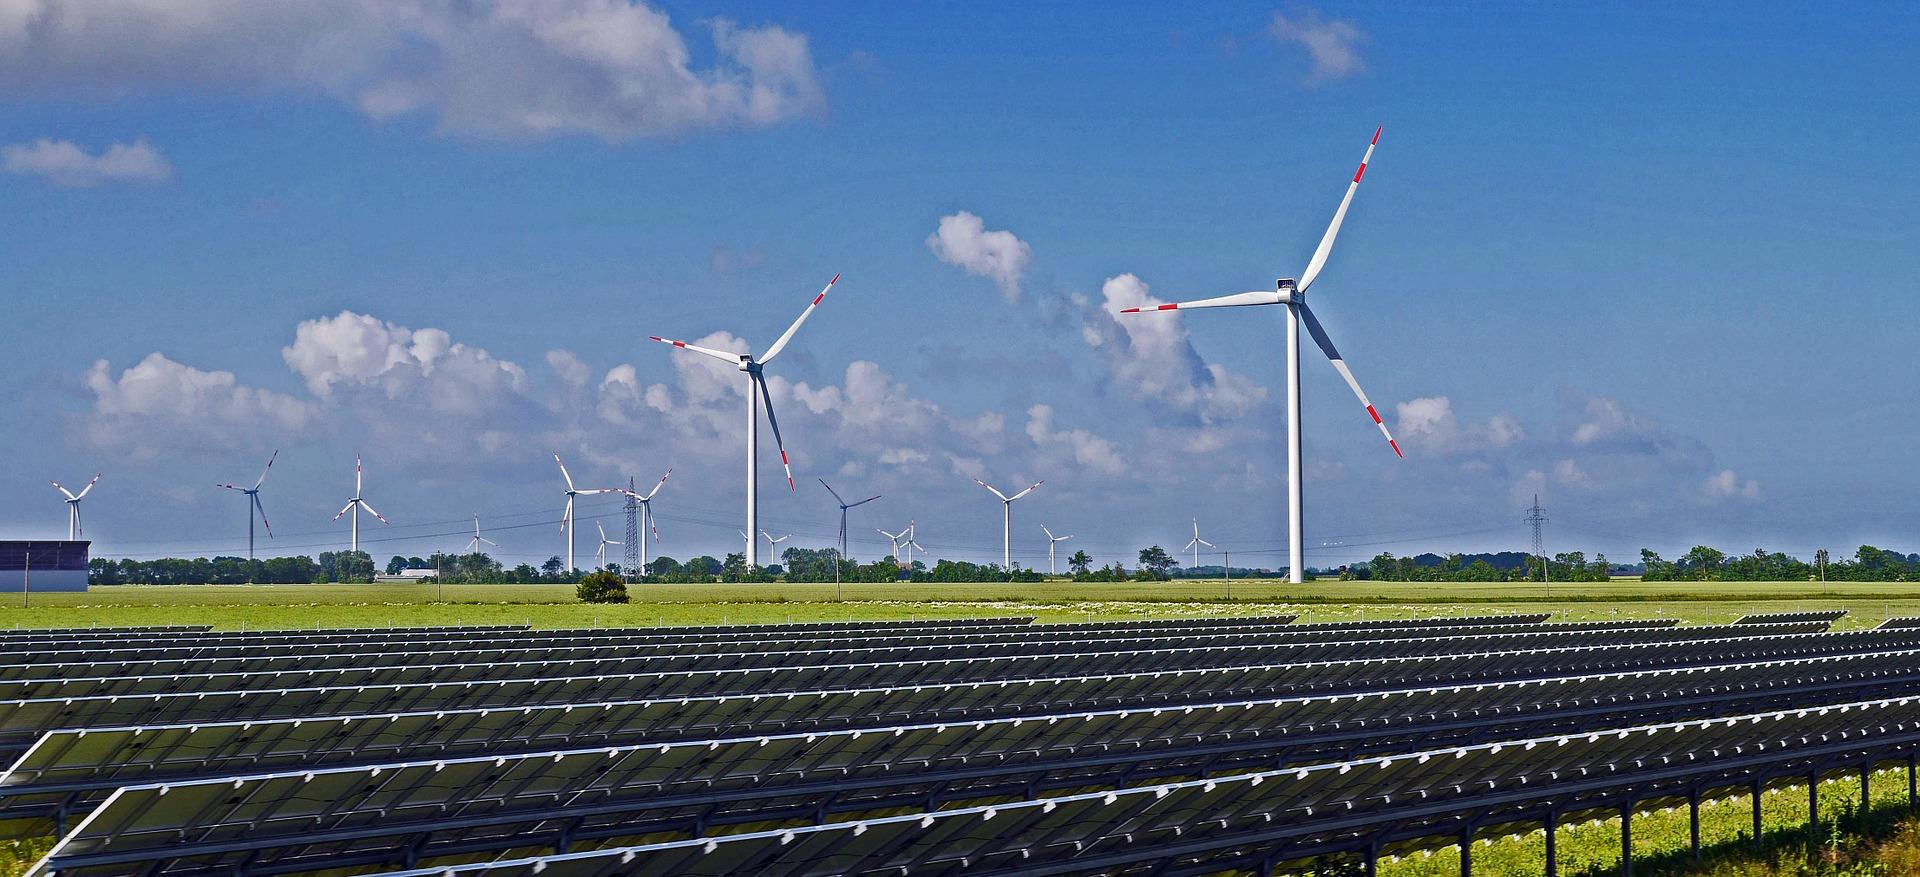 AleaSoft - 20191112-AleaSoft-solar-photovoltaic-wind-energy-electrification-clean-energy